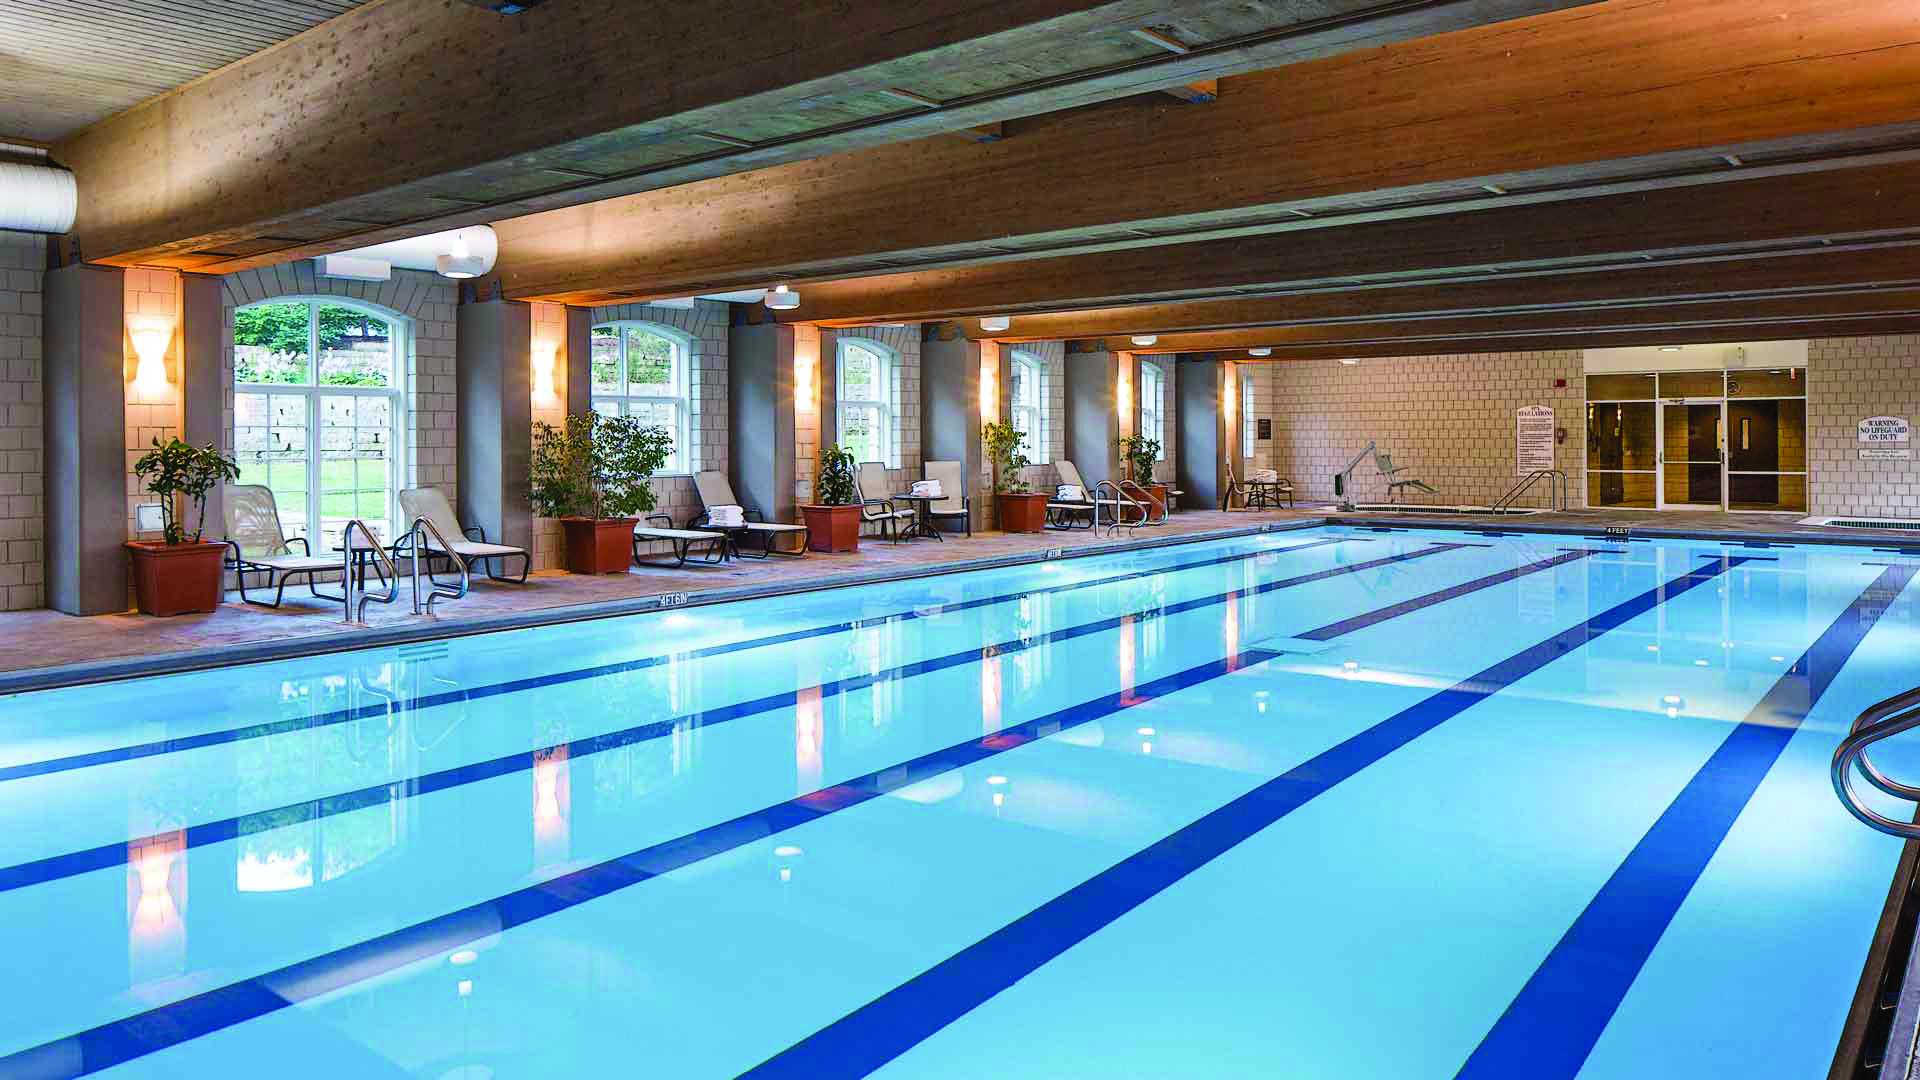 渥太华的游泳馆